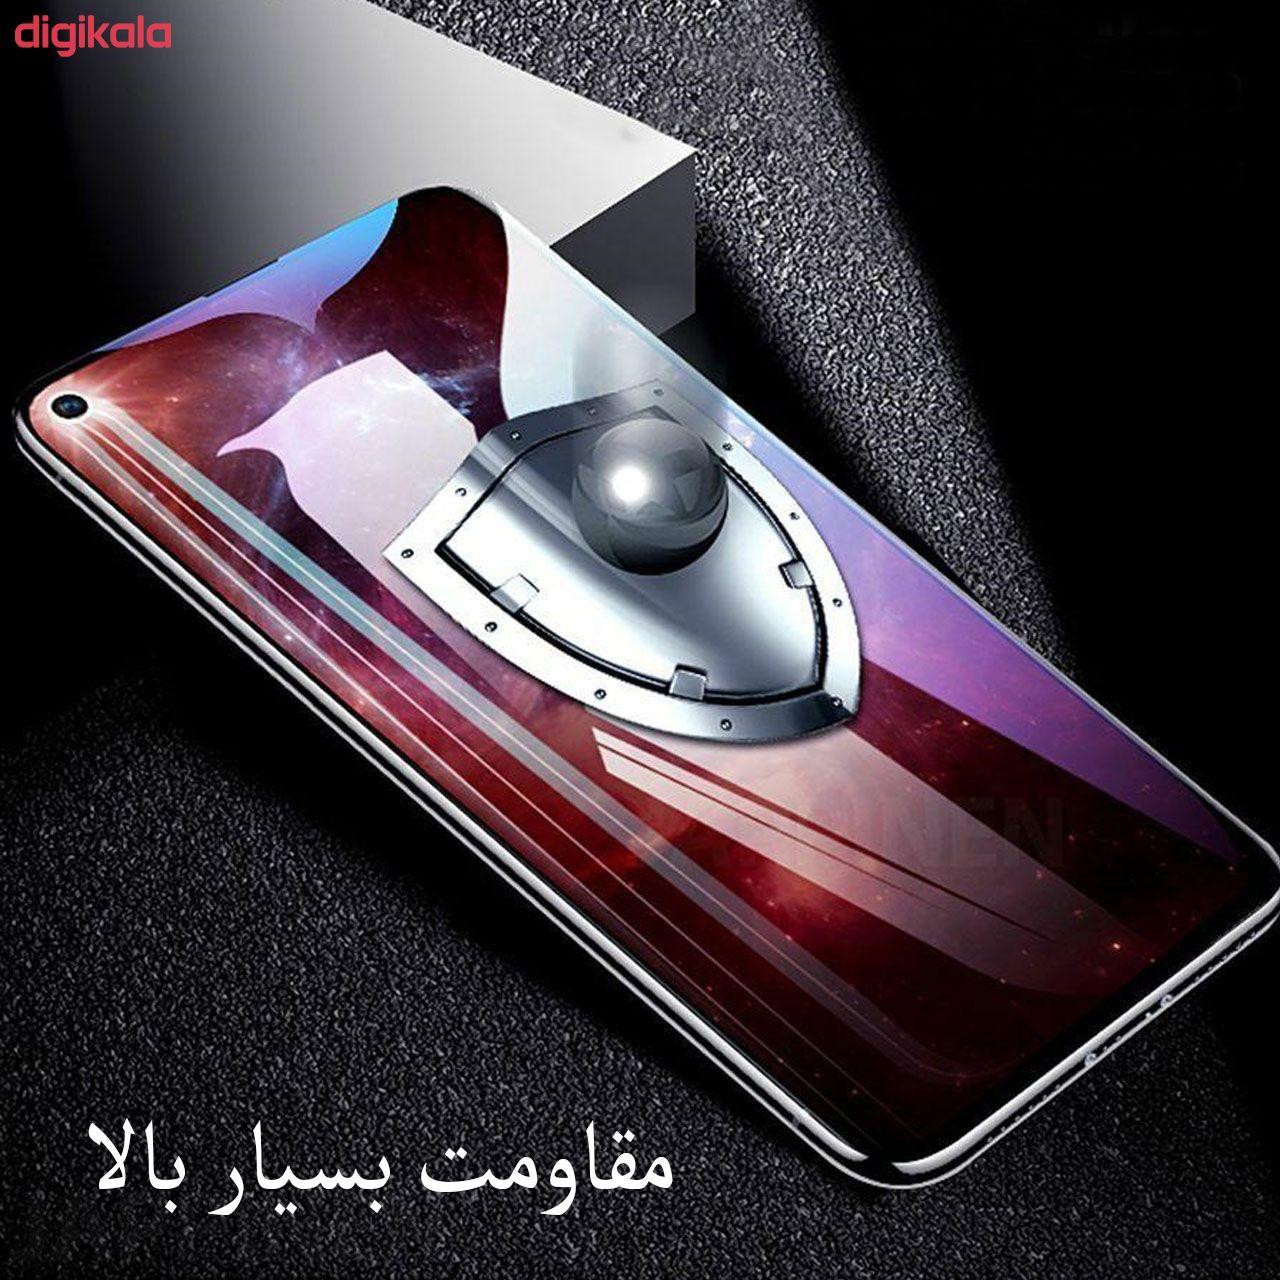 محافظ صفحه نمایش مدل FCG مناسب برای گوشی موبایل شیائومی Redmi Note 9 main 1 7